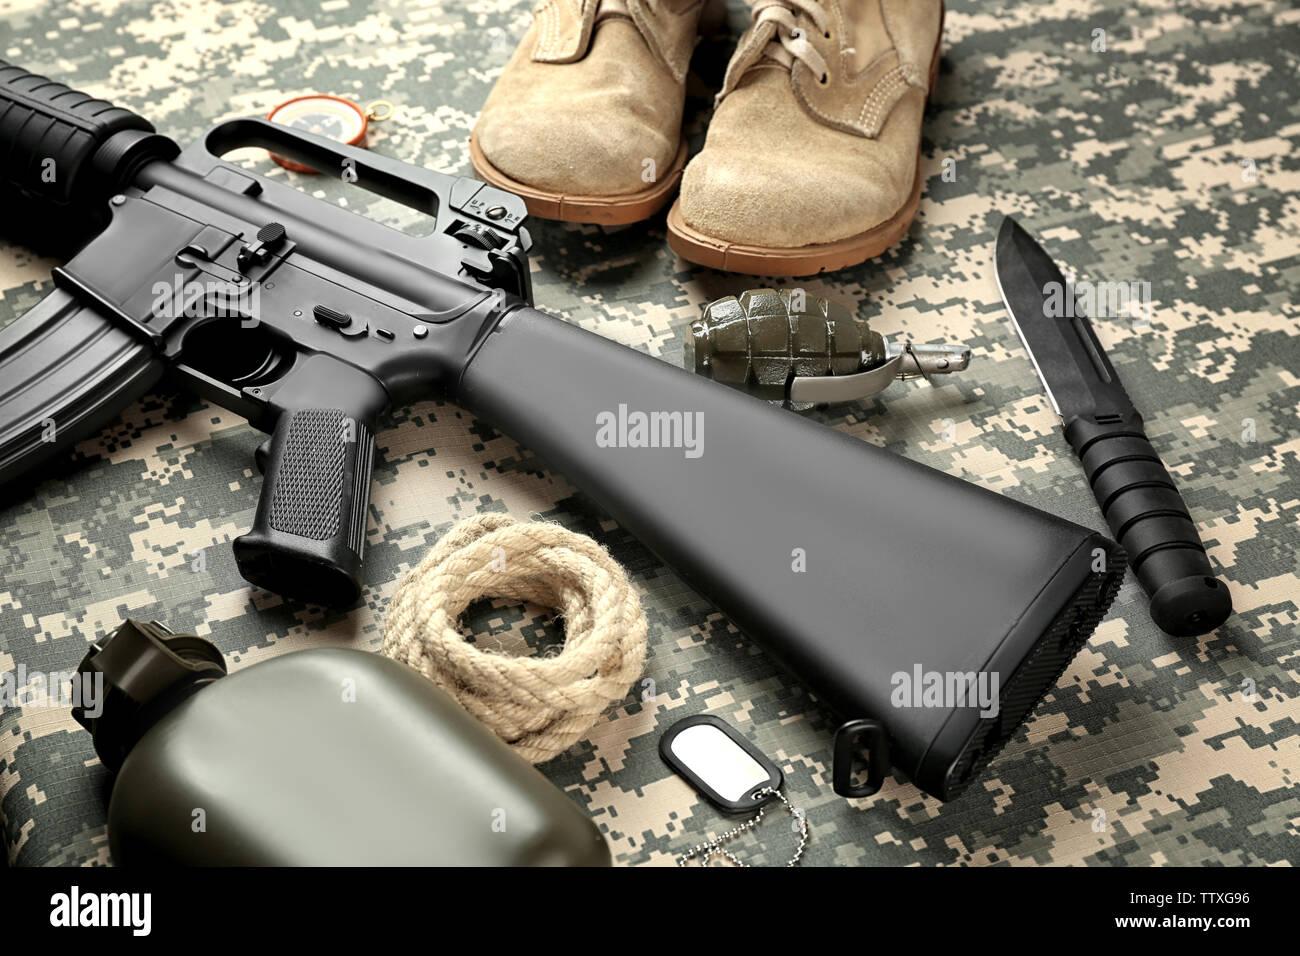 Conjunto de equipo militar y botas de combate en el camuflaje antecedentes Imagen De Stock